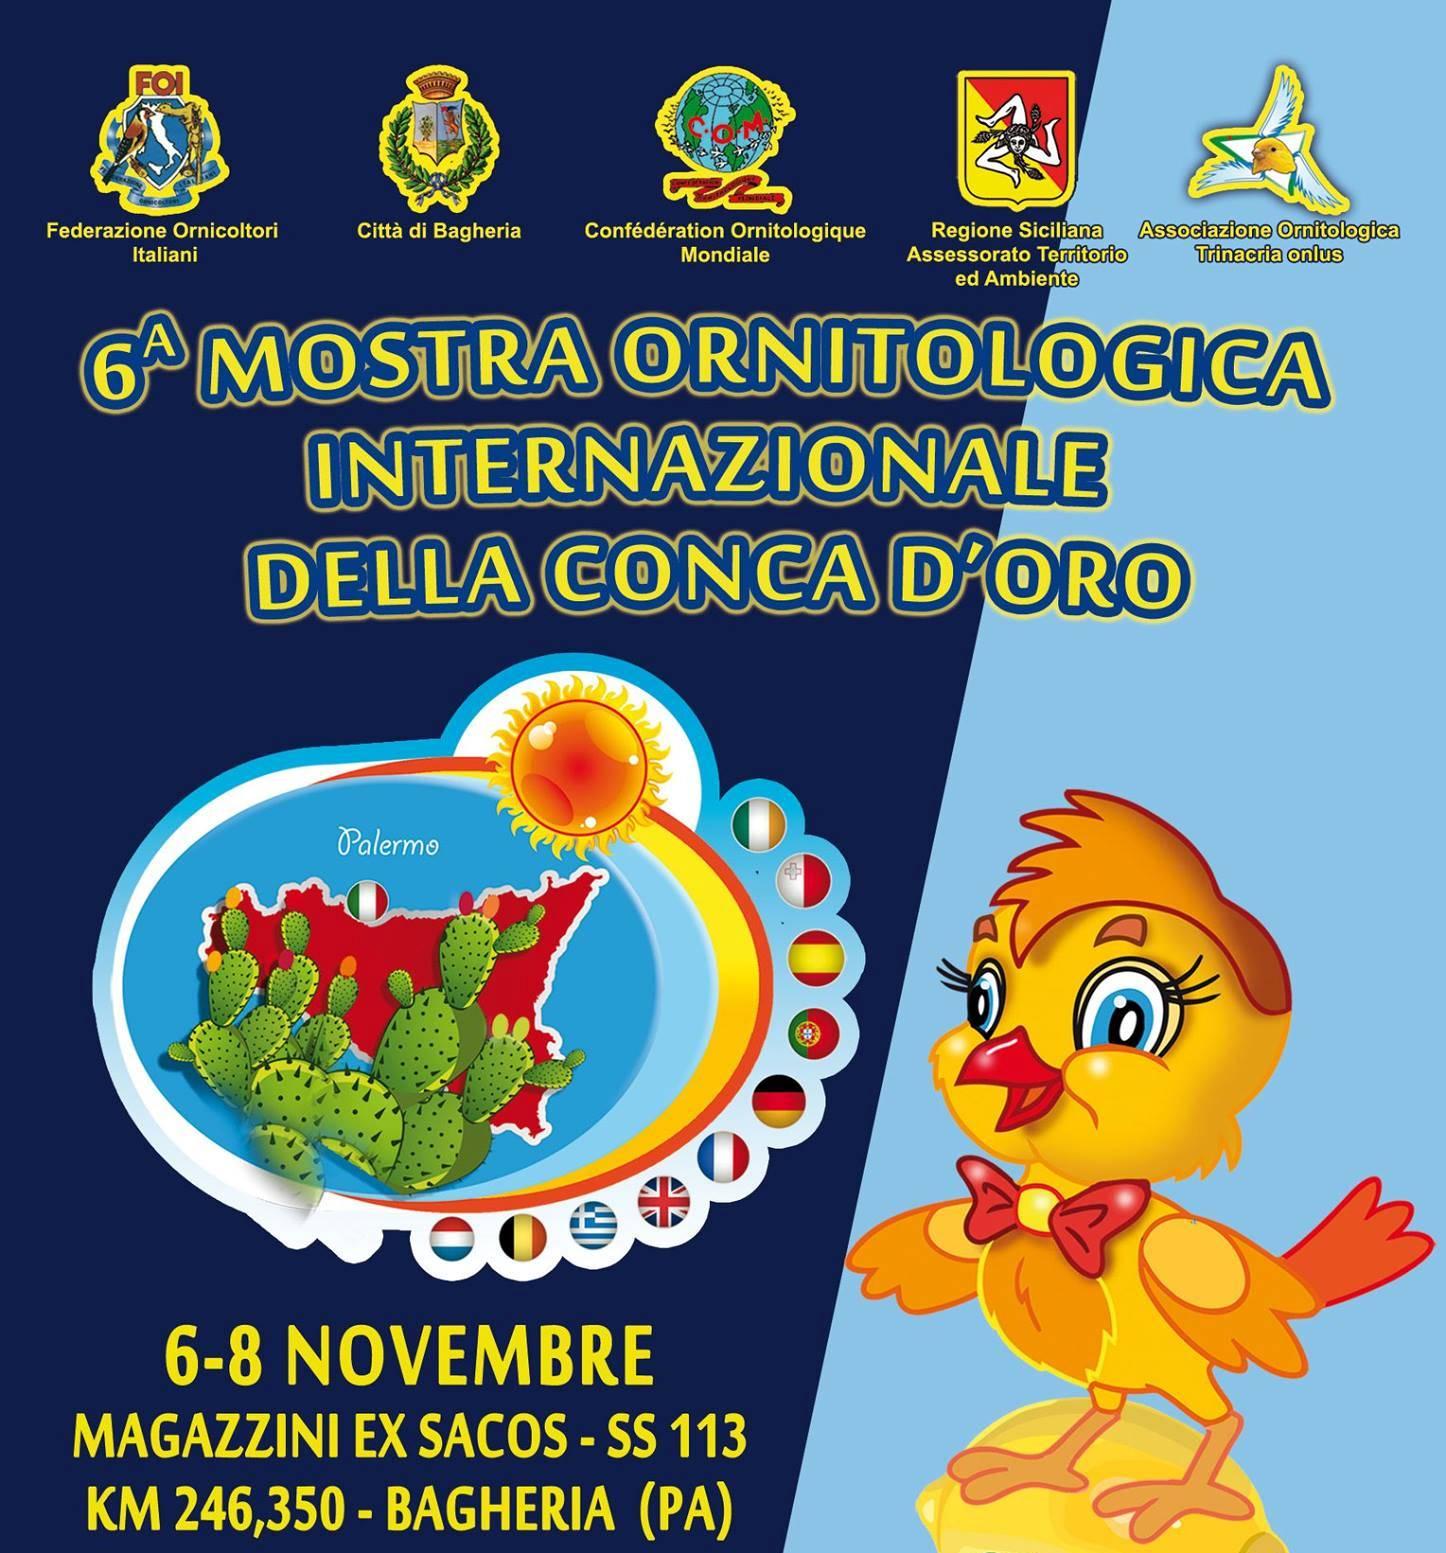 Calendario Mostre Ornitologiche 2019 Sicilia.Mostra Internazionale Ornitologica A Bagheria Iostudio